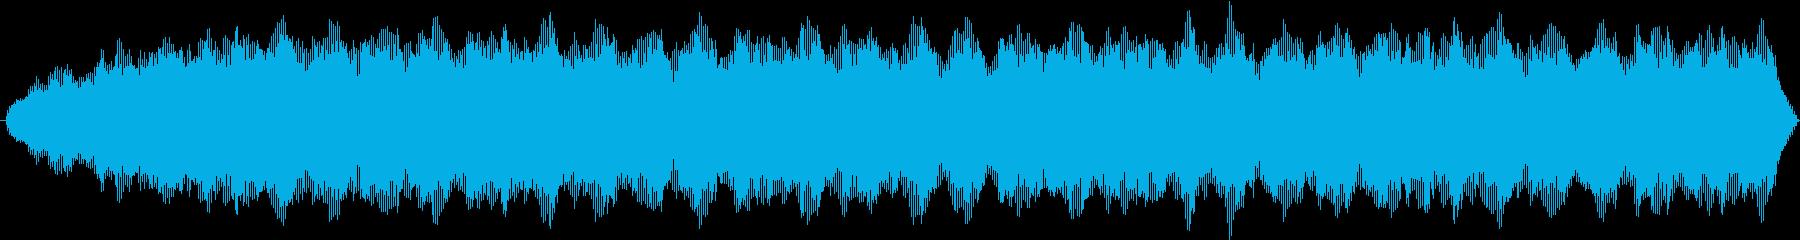 PADS リラクシングエネルギー04の再生済みの波形